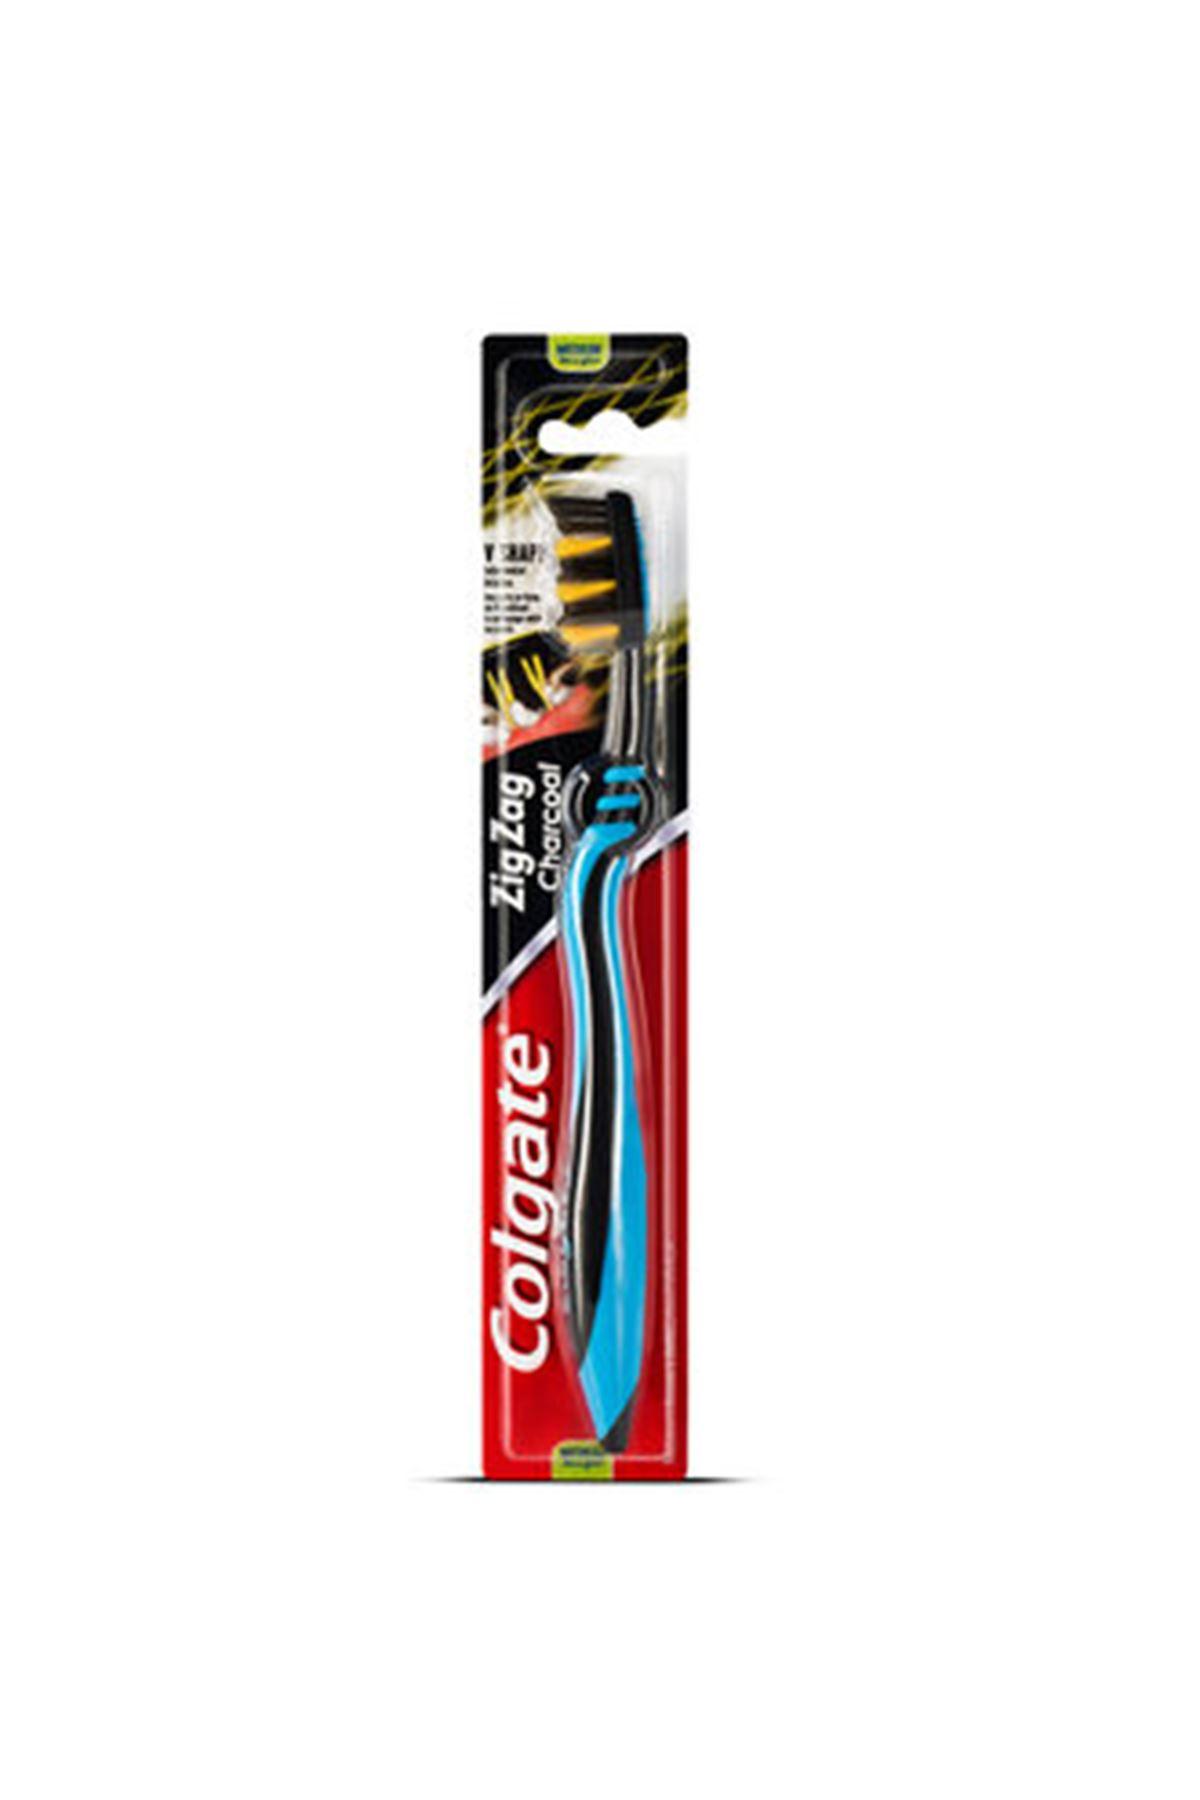 Colgate Zig Zag Charcoal Orta Diş Fırçası